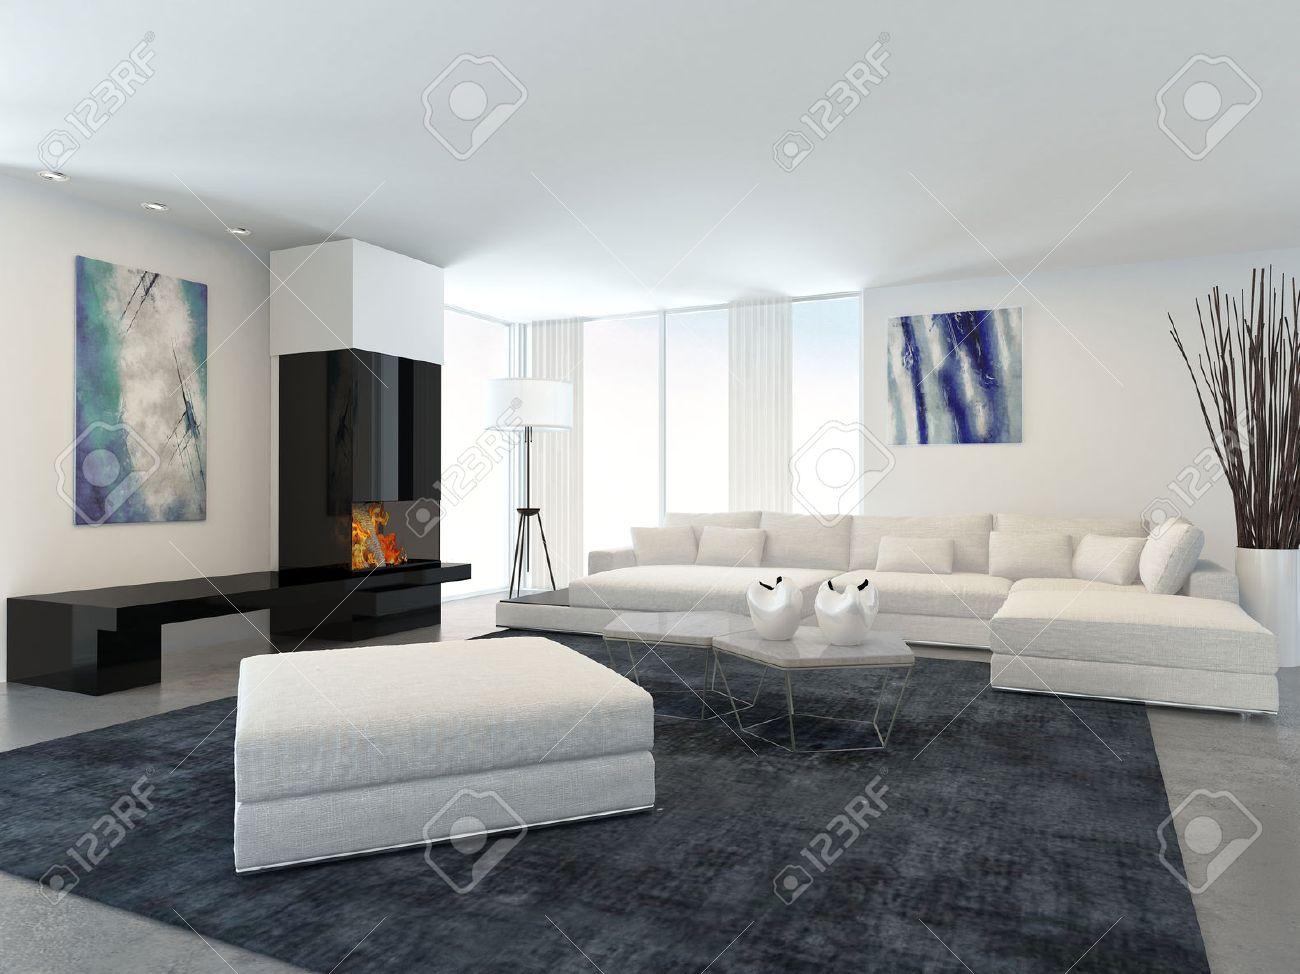 Interieur Van De Moderne Woonkamer In Appartement Met Open Haard ...